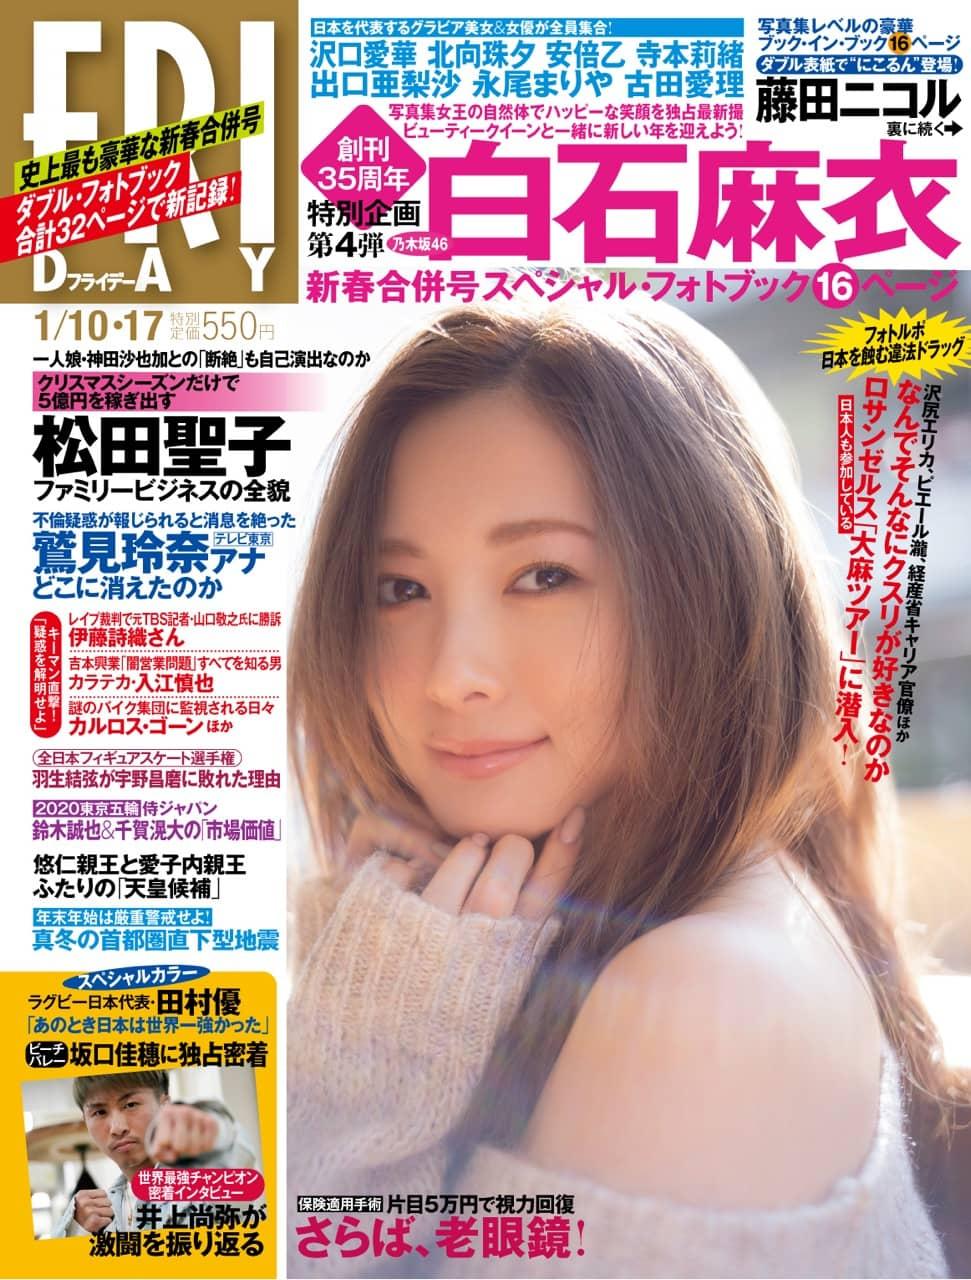 乃木坂46 白石麻衣が表紙に登場「FRIDAY 2020年 1/17号」12/27発売